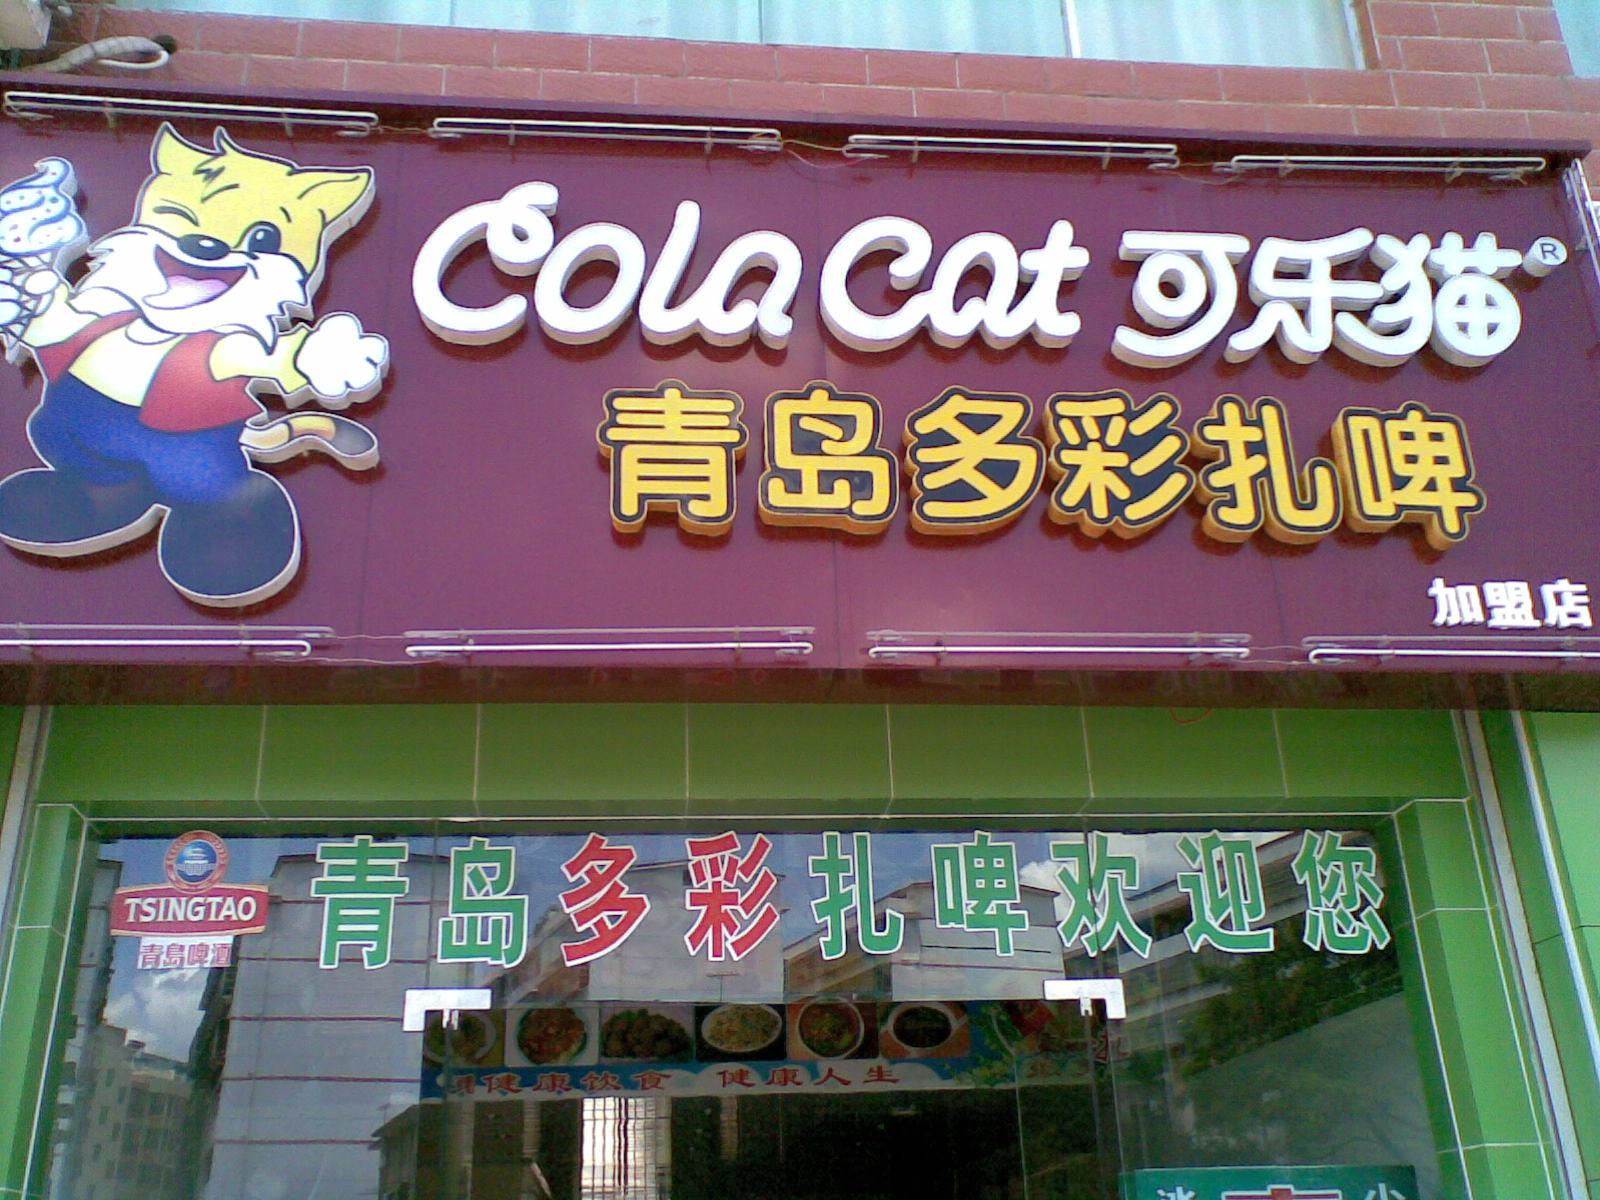 可乐猫青岛扎啤城